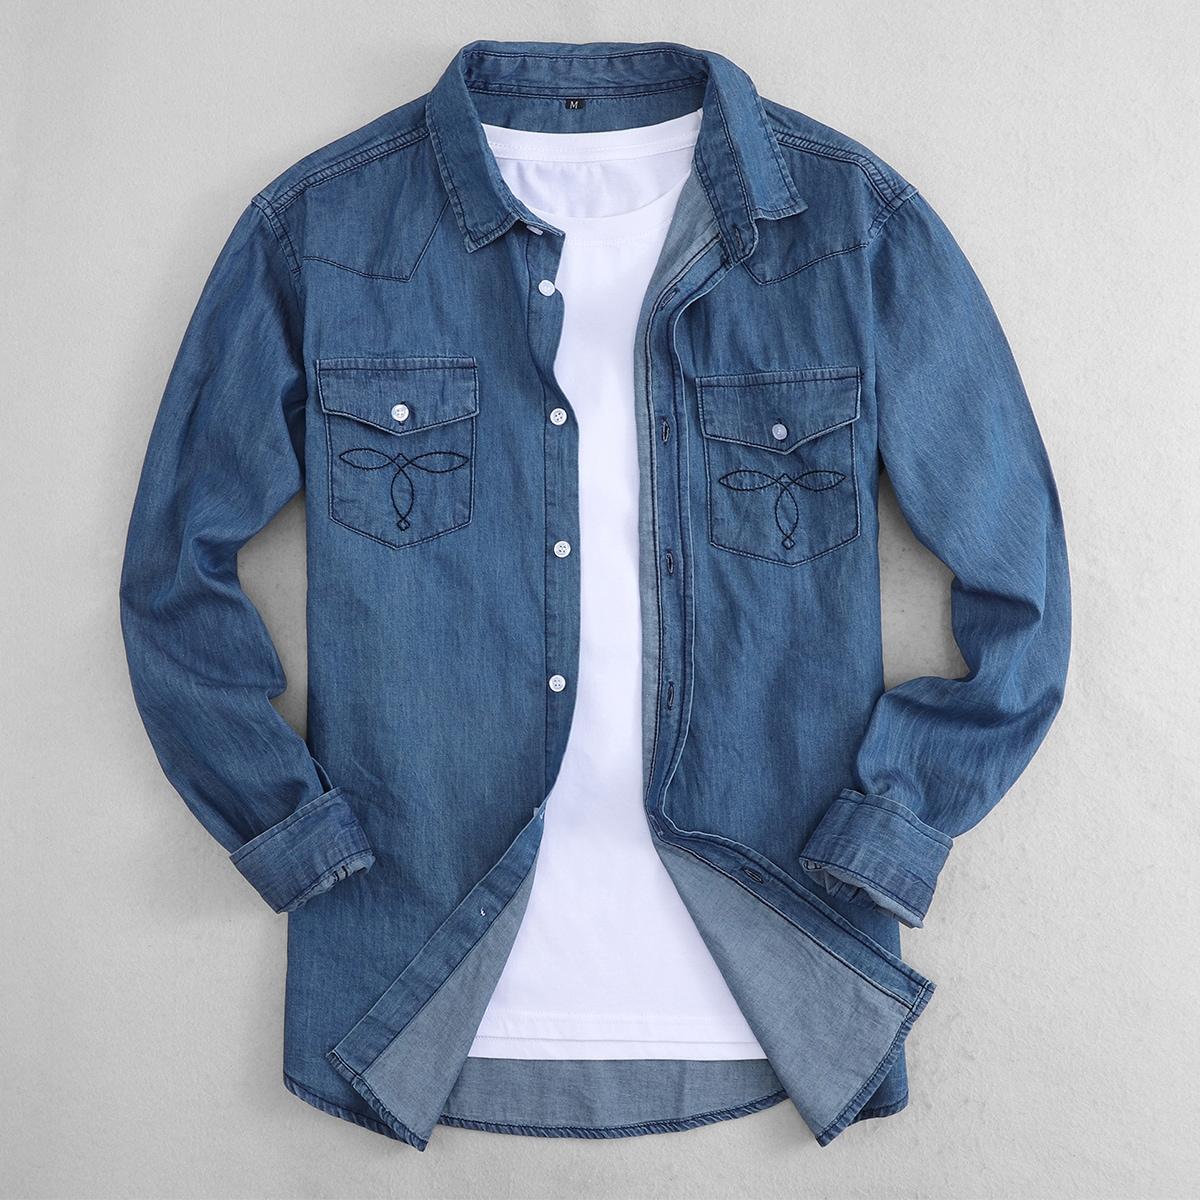 Мужской Джинсовая рубашка геометрической вышивкой с карманом